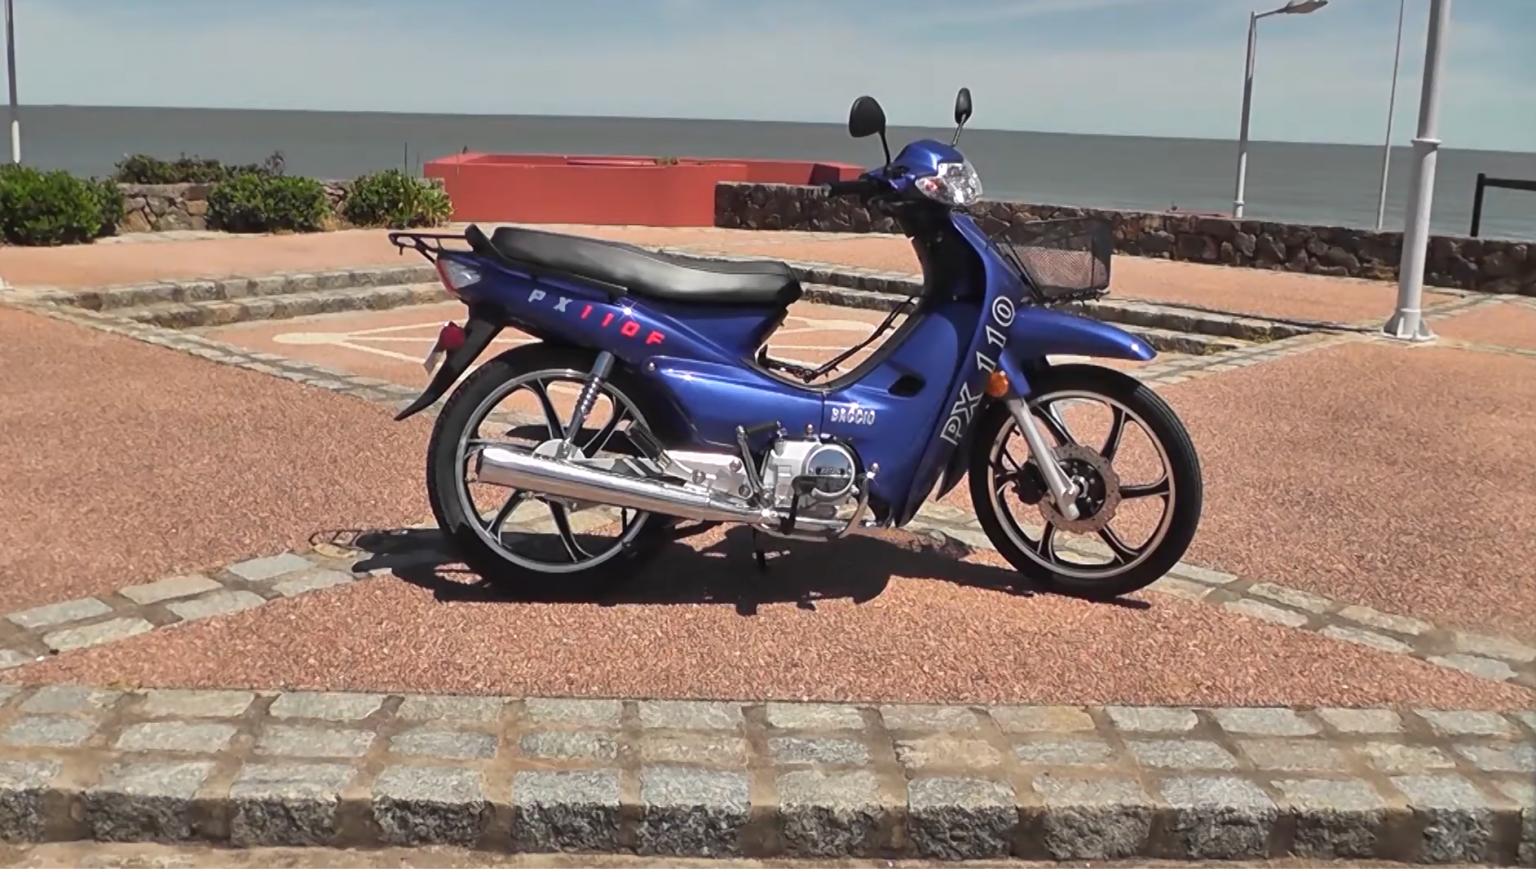 Moto Baccio PX 110 F